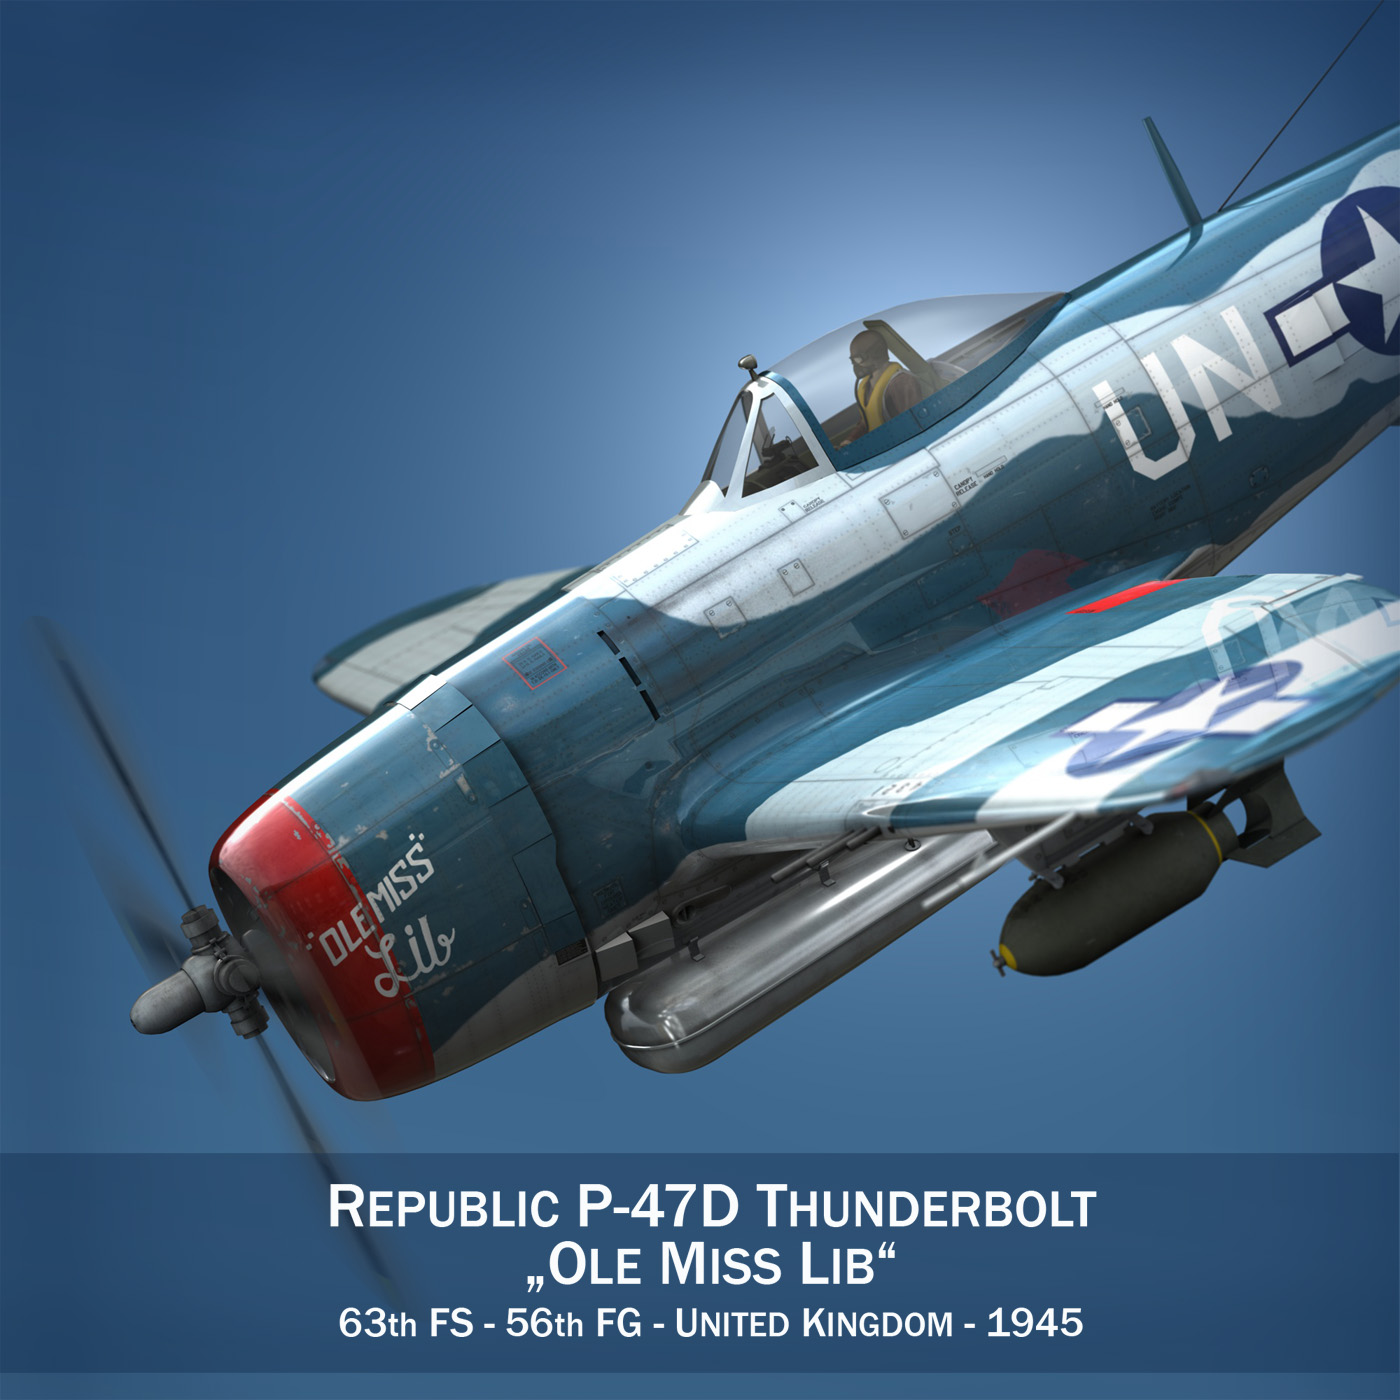 Republic P-47 Thunderbolt - Ole Miss Lib 3d model fbx c4d lwo lws lw obj 274273